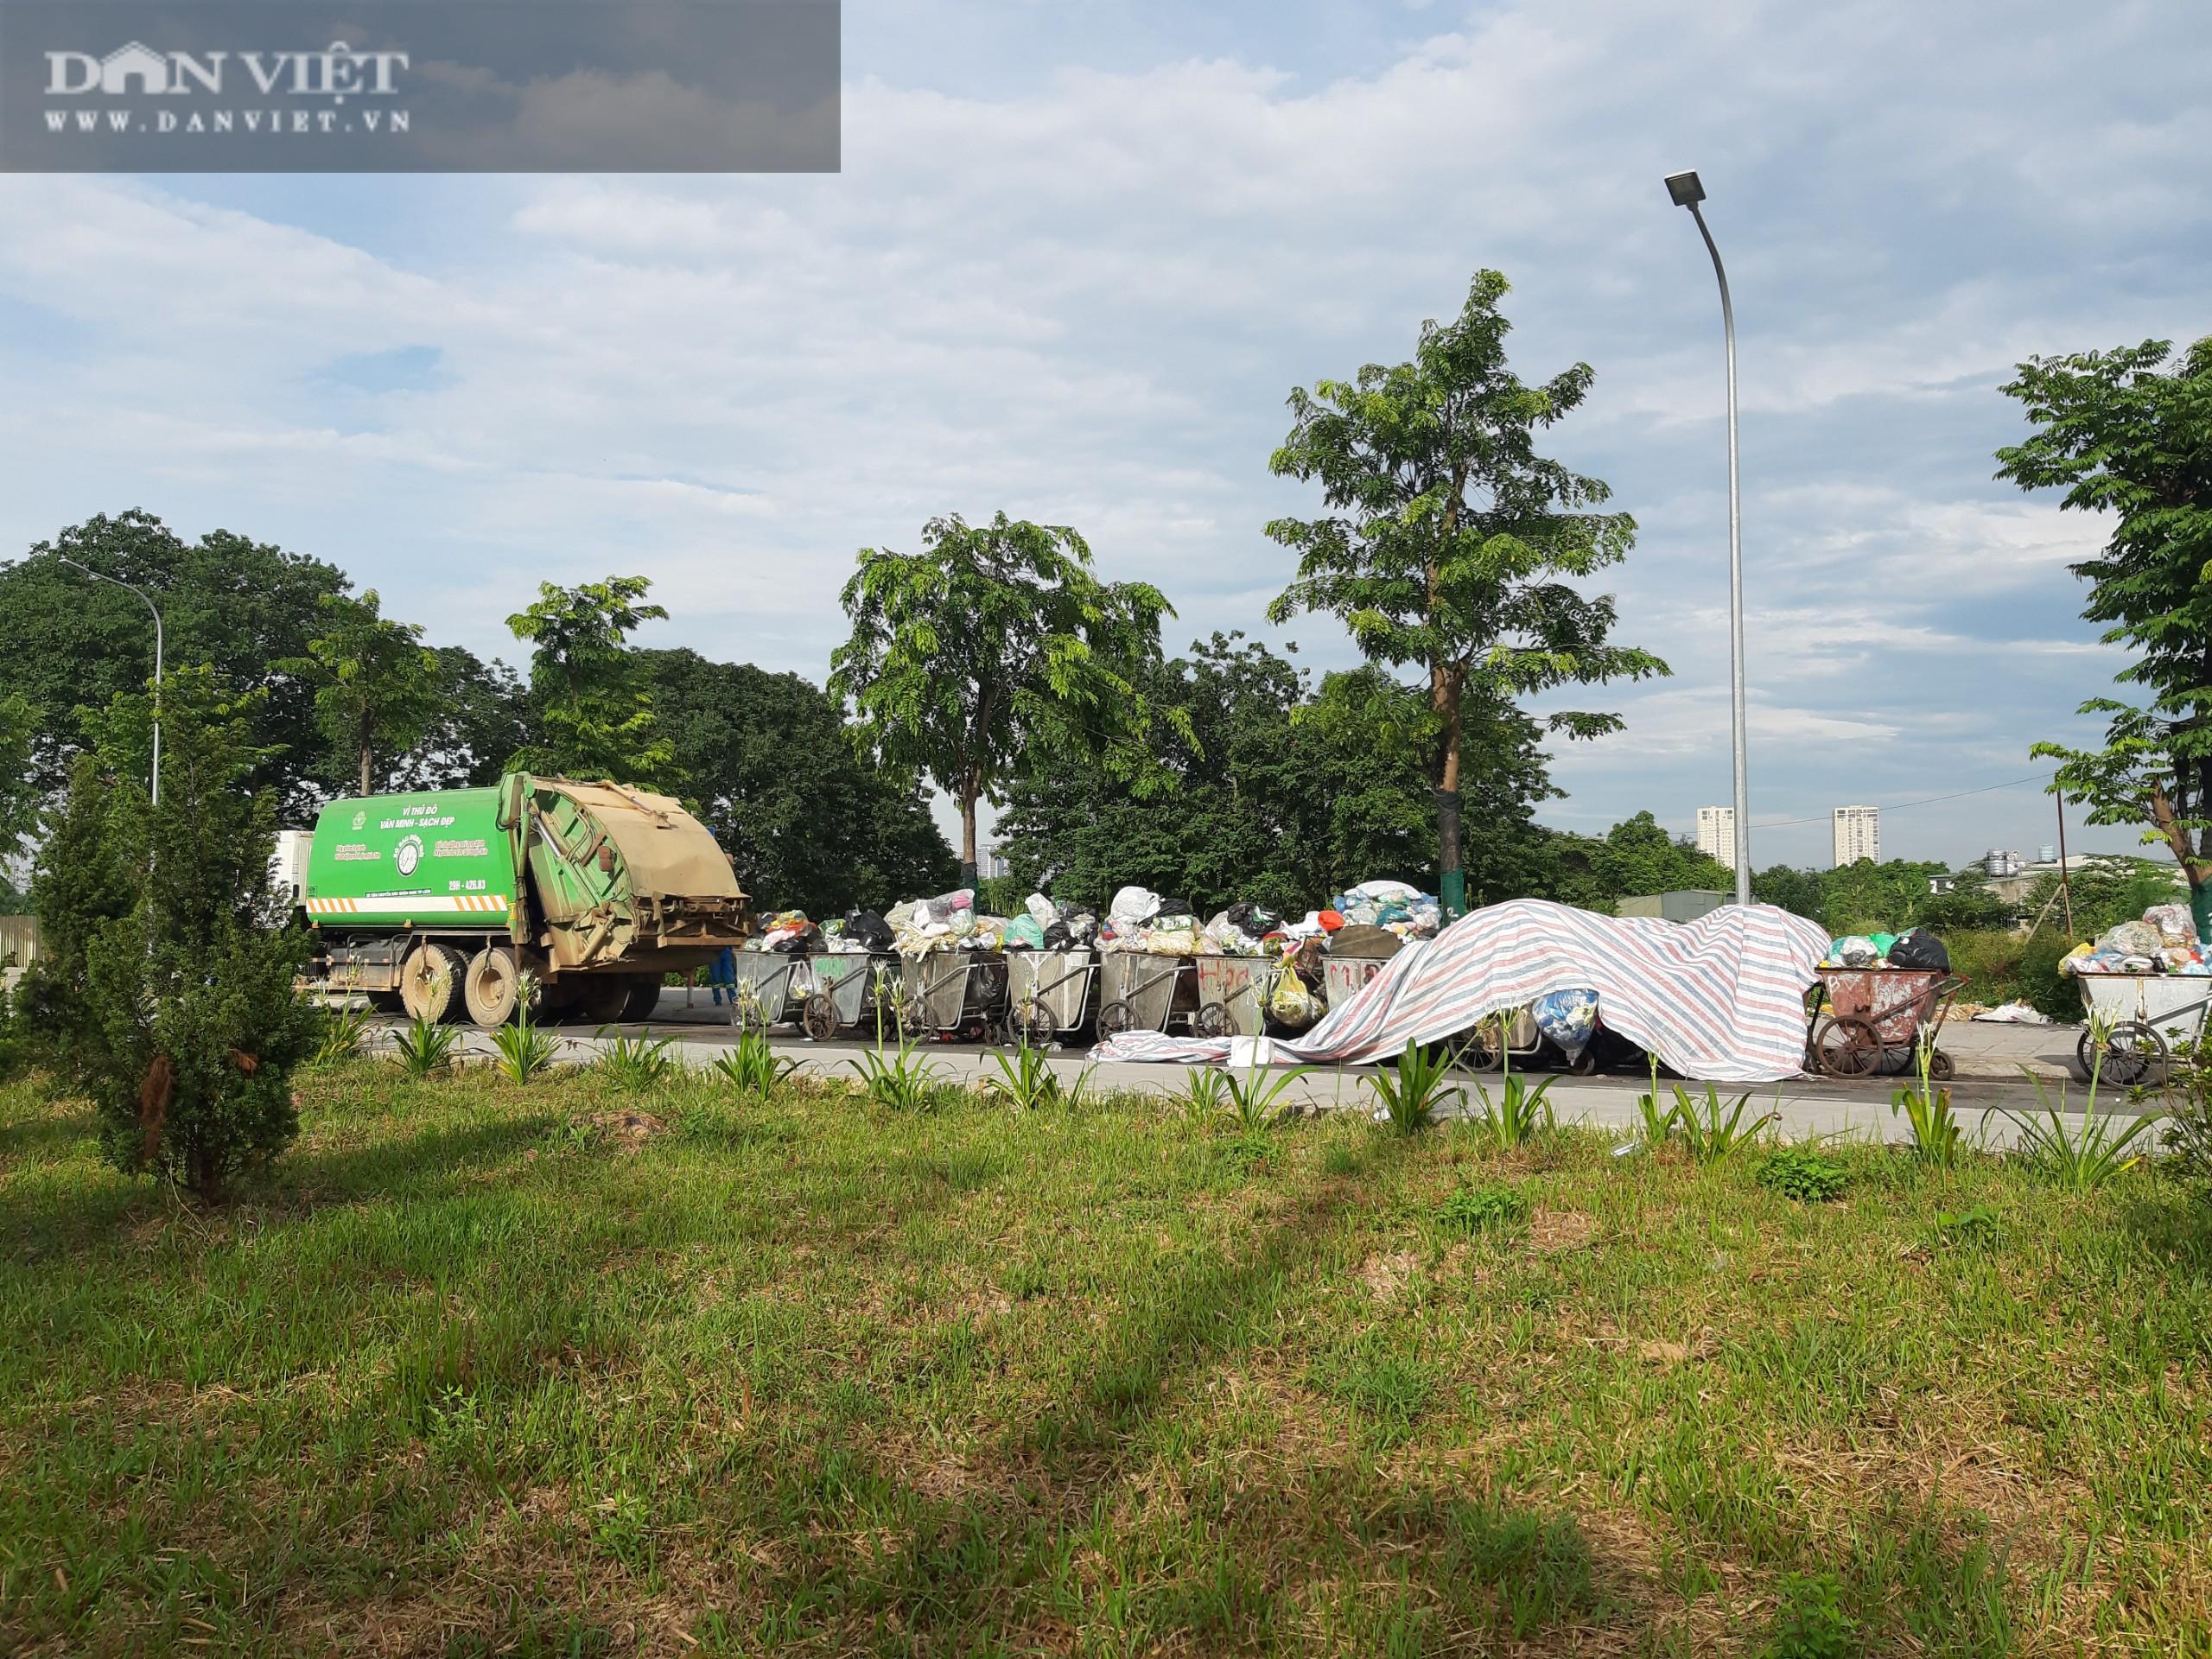 Bài 2: Tràn lan hình ảnh gây ô nhiễm của các công ty bảo vệ môi trường giữa thủ đô - Ảnh 7.